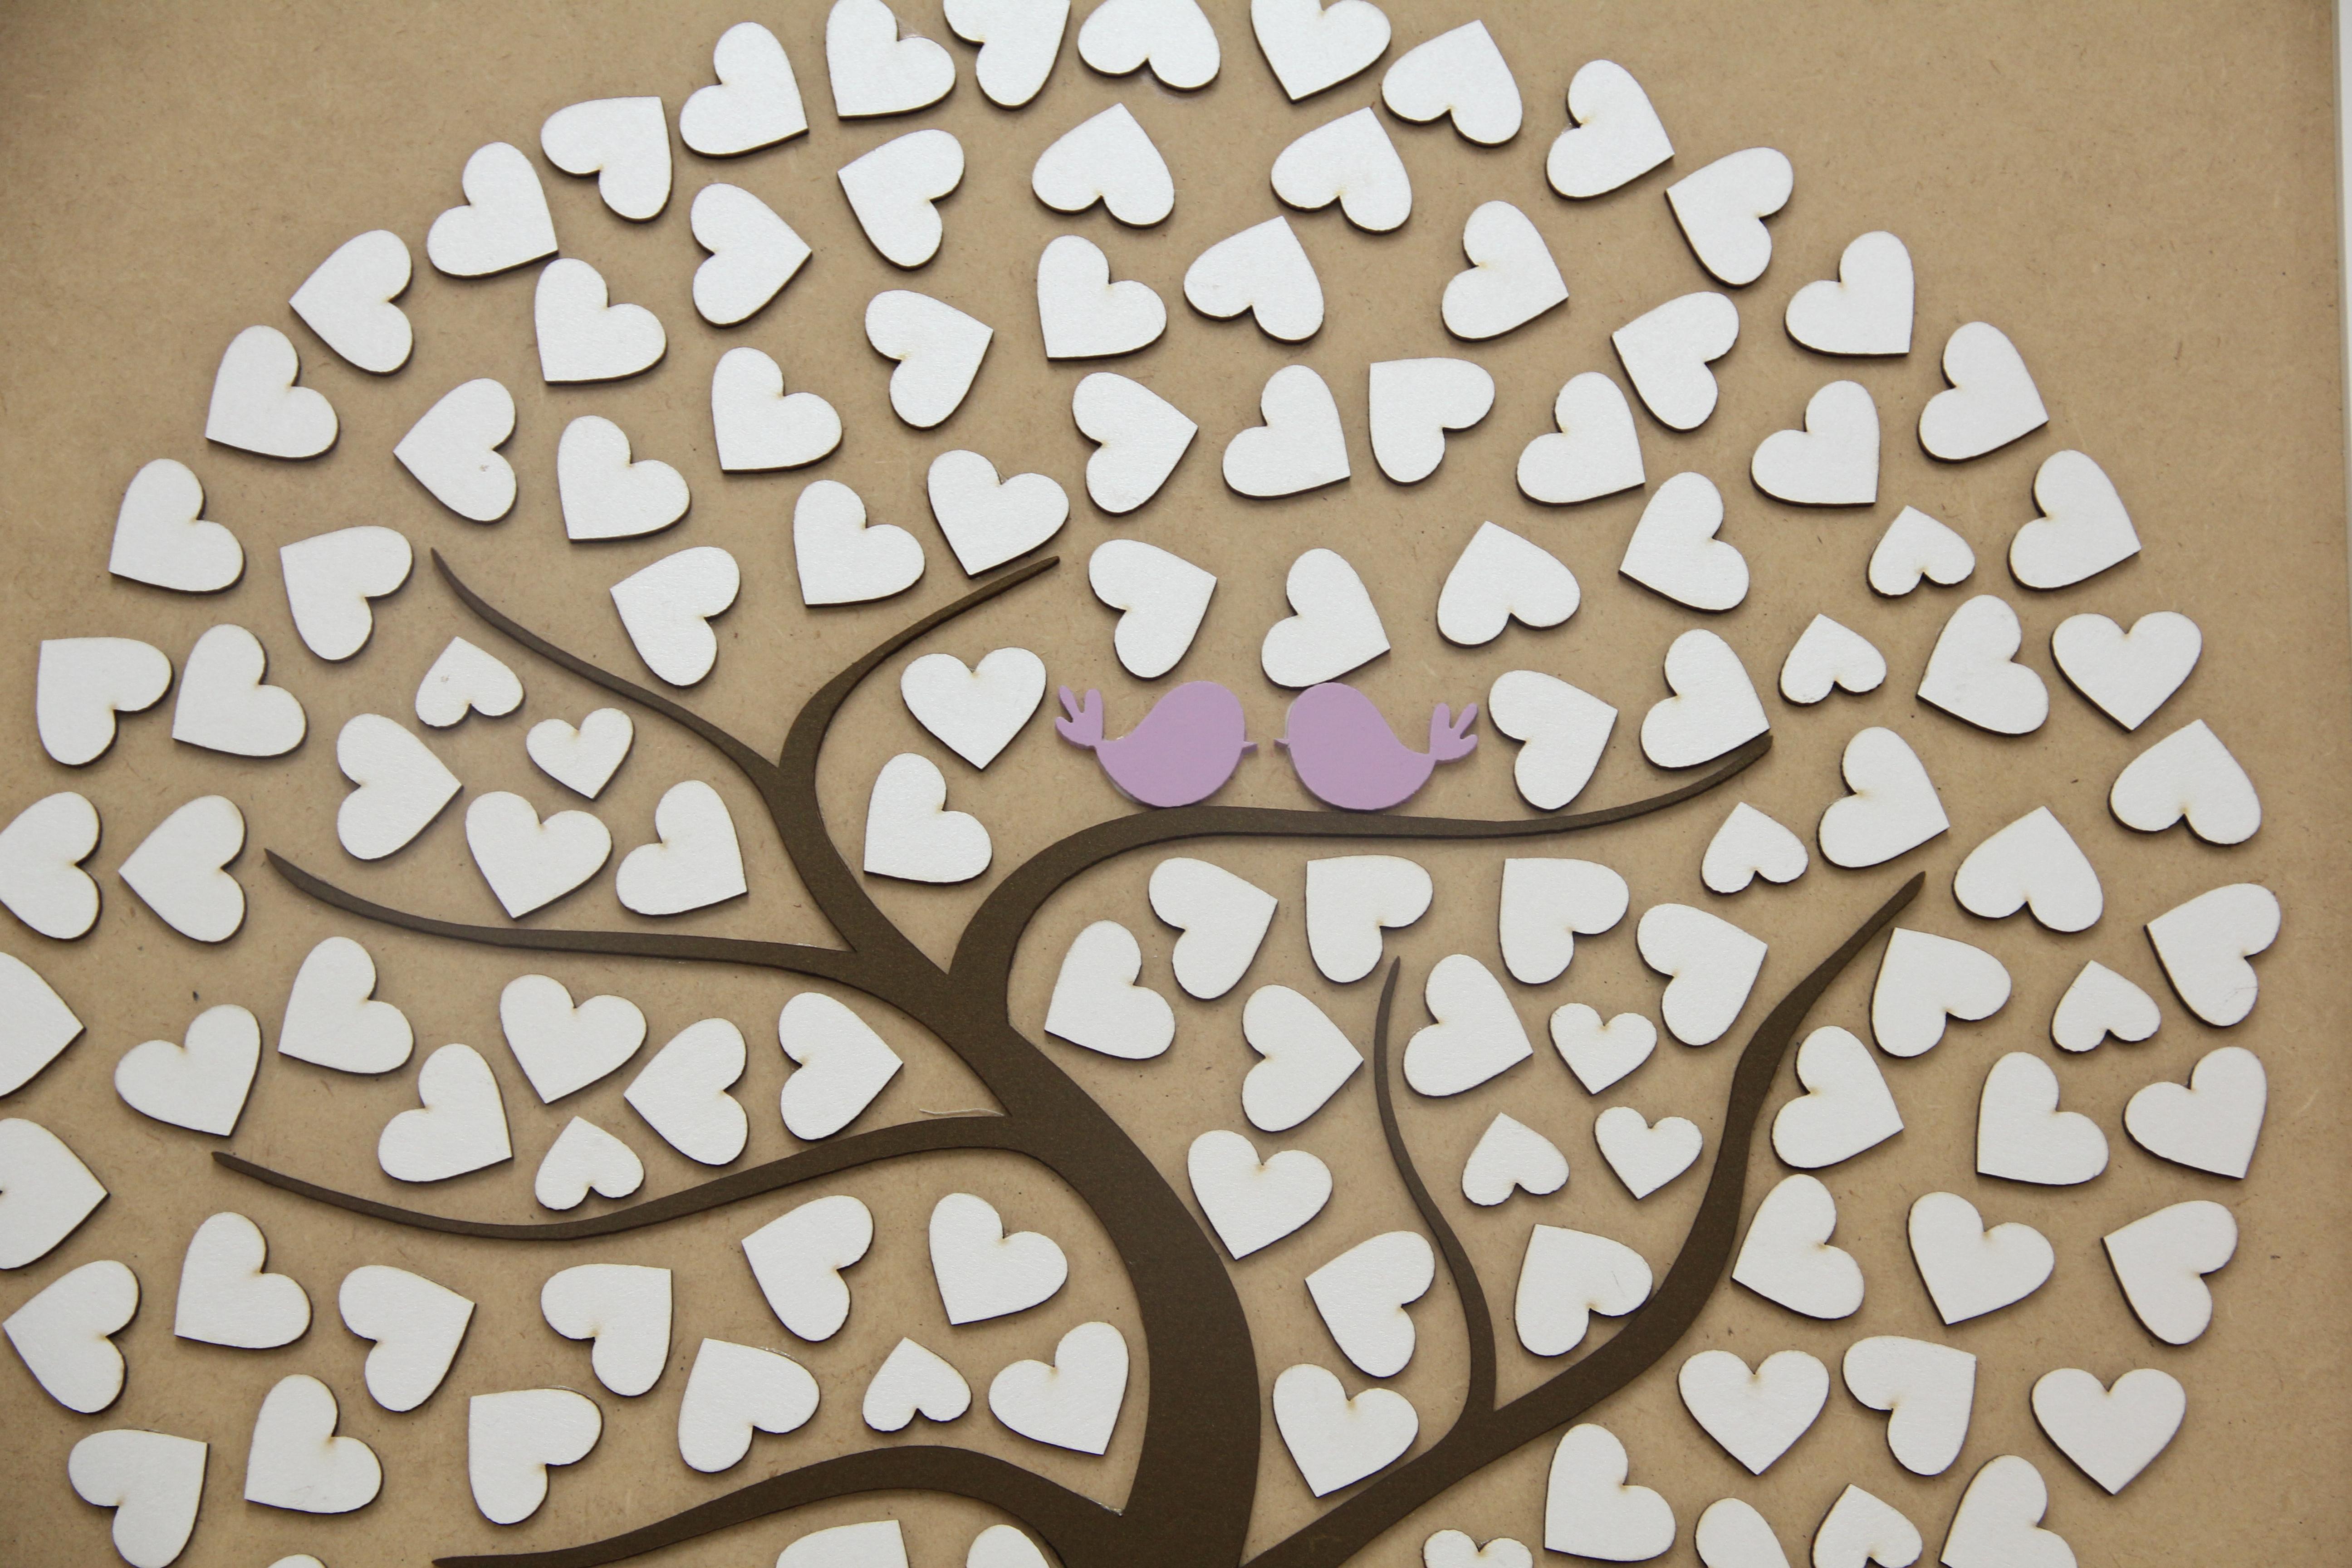 bodas de madeira casamento bodas de madeira bodas de madeira #413424 5184x3456